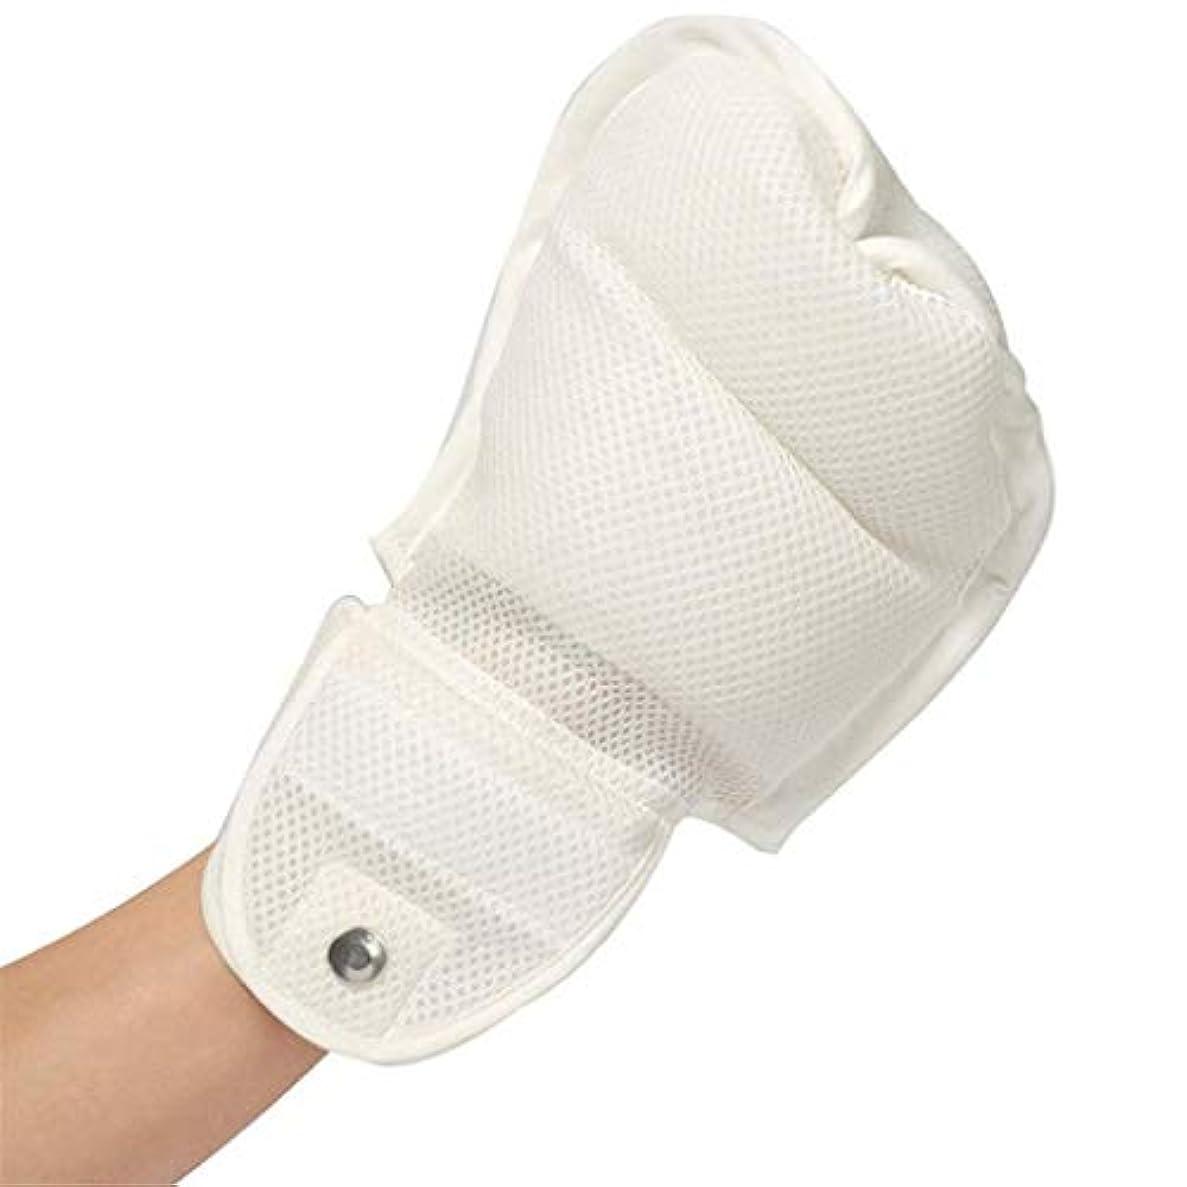 カウント読み書きのできない推測フィンガーコントロールミット、認知症手袋安全手袋 - 患者用手感染プロテクター自己害を防ぐためのパッド入りミット